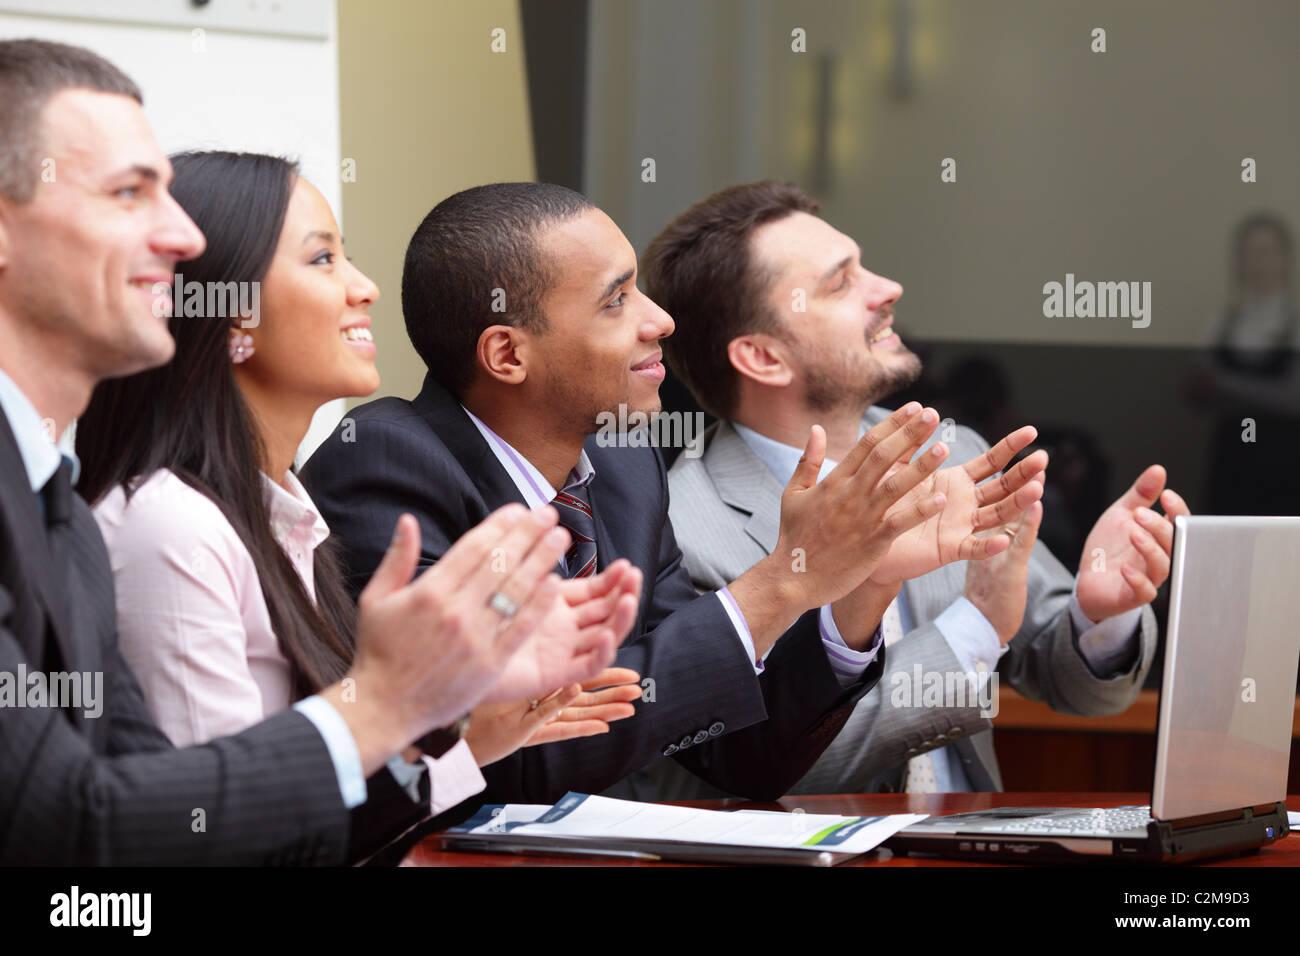 Multi-ethnischen Business-Gruppe begrüßt jemanden mit Händeklatschen und lächelnd. Afrikanisch Stockbild